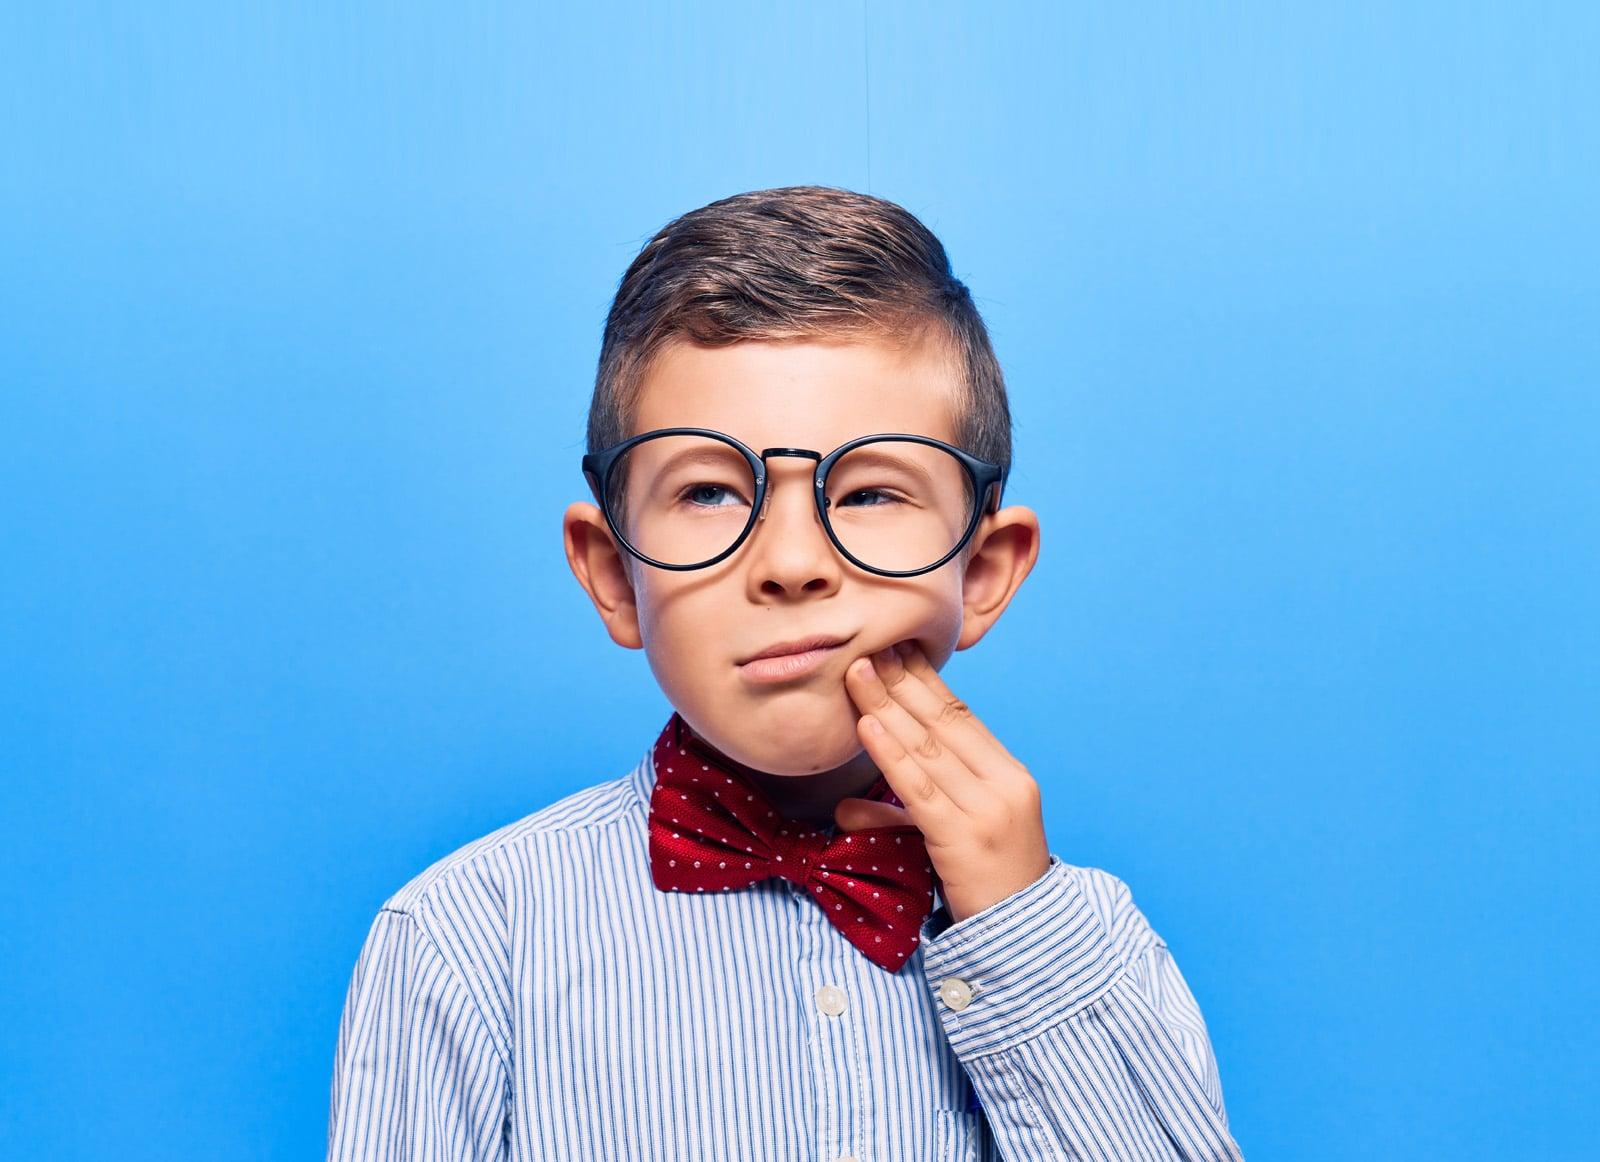 kids dental emergencies seattle